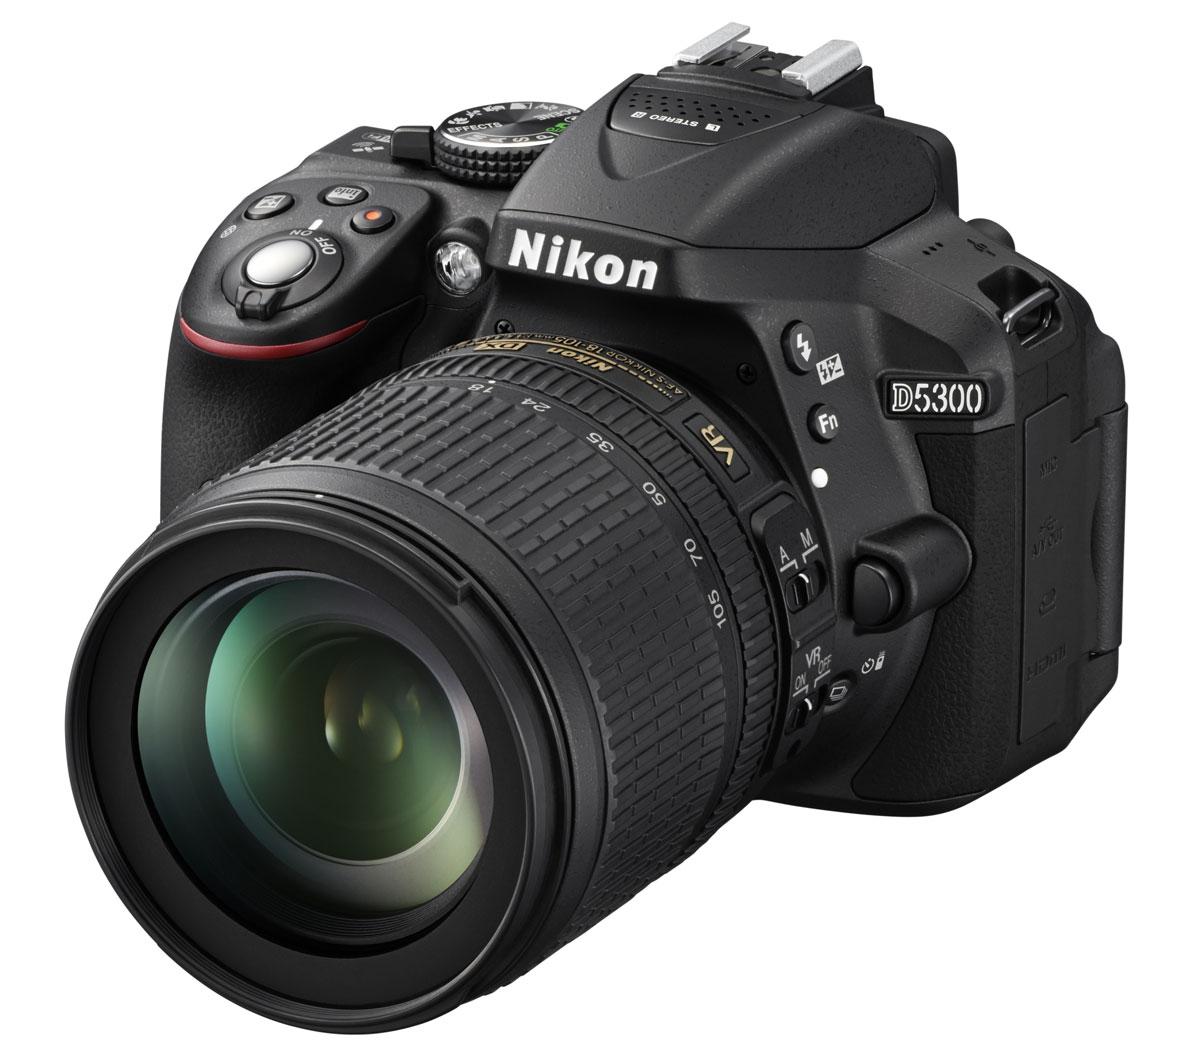 Nikon D5300 Kit 18-105 VR, Black цифровая зеркальная фотокамера зеркальный цифровой фотоаппарат nikon d5300 18 105 vr kit black